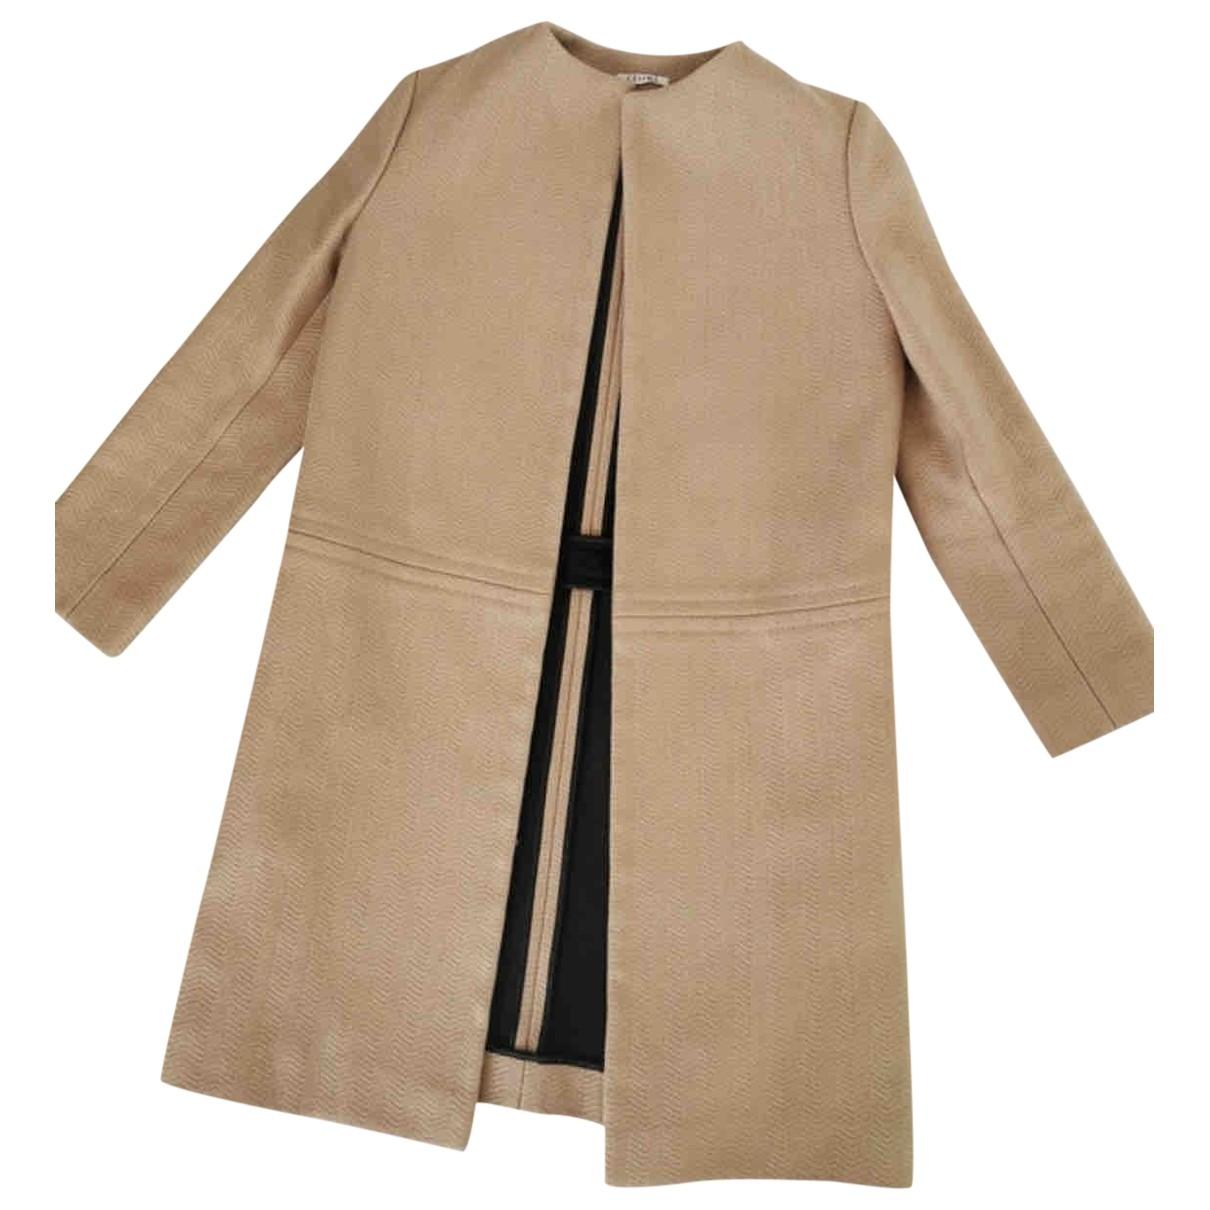 Celine \N Beige Wool coat for Women 38 FR